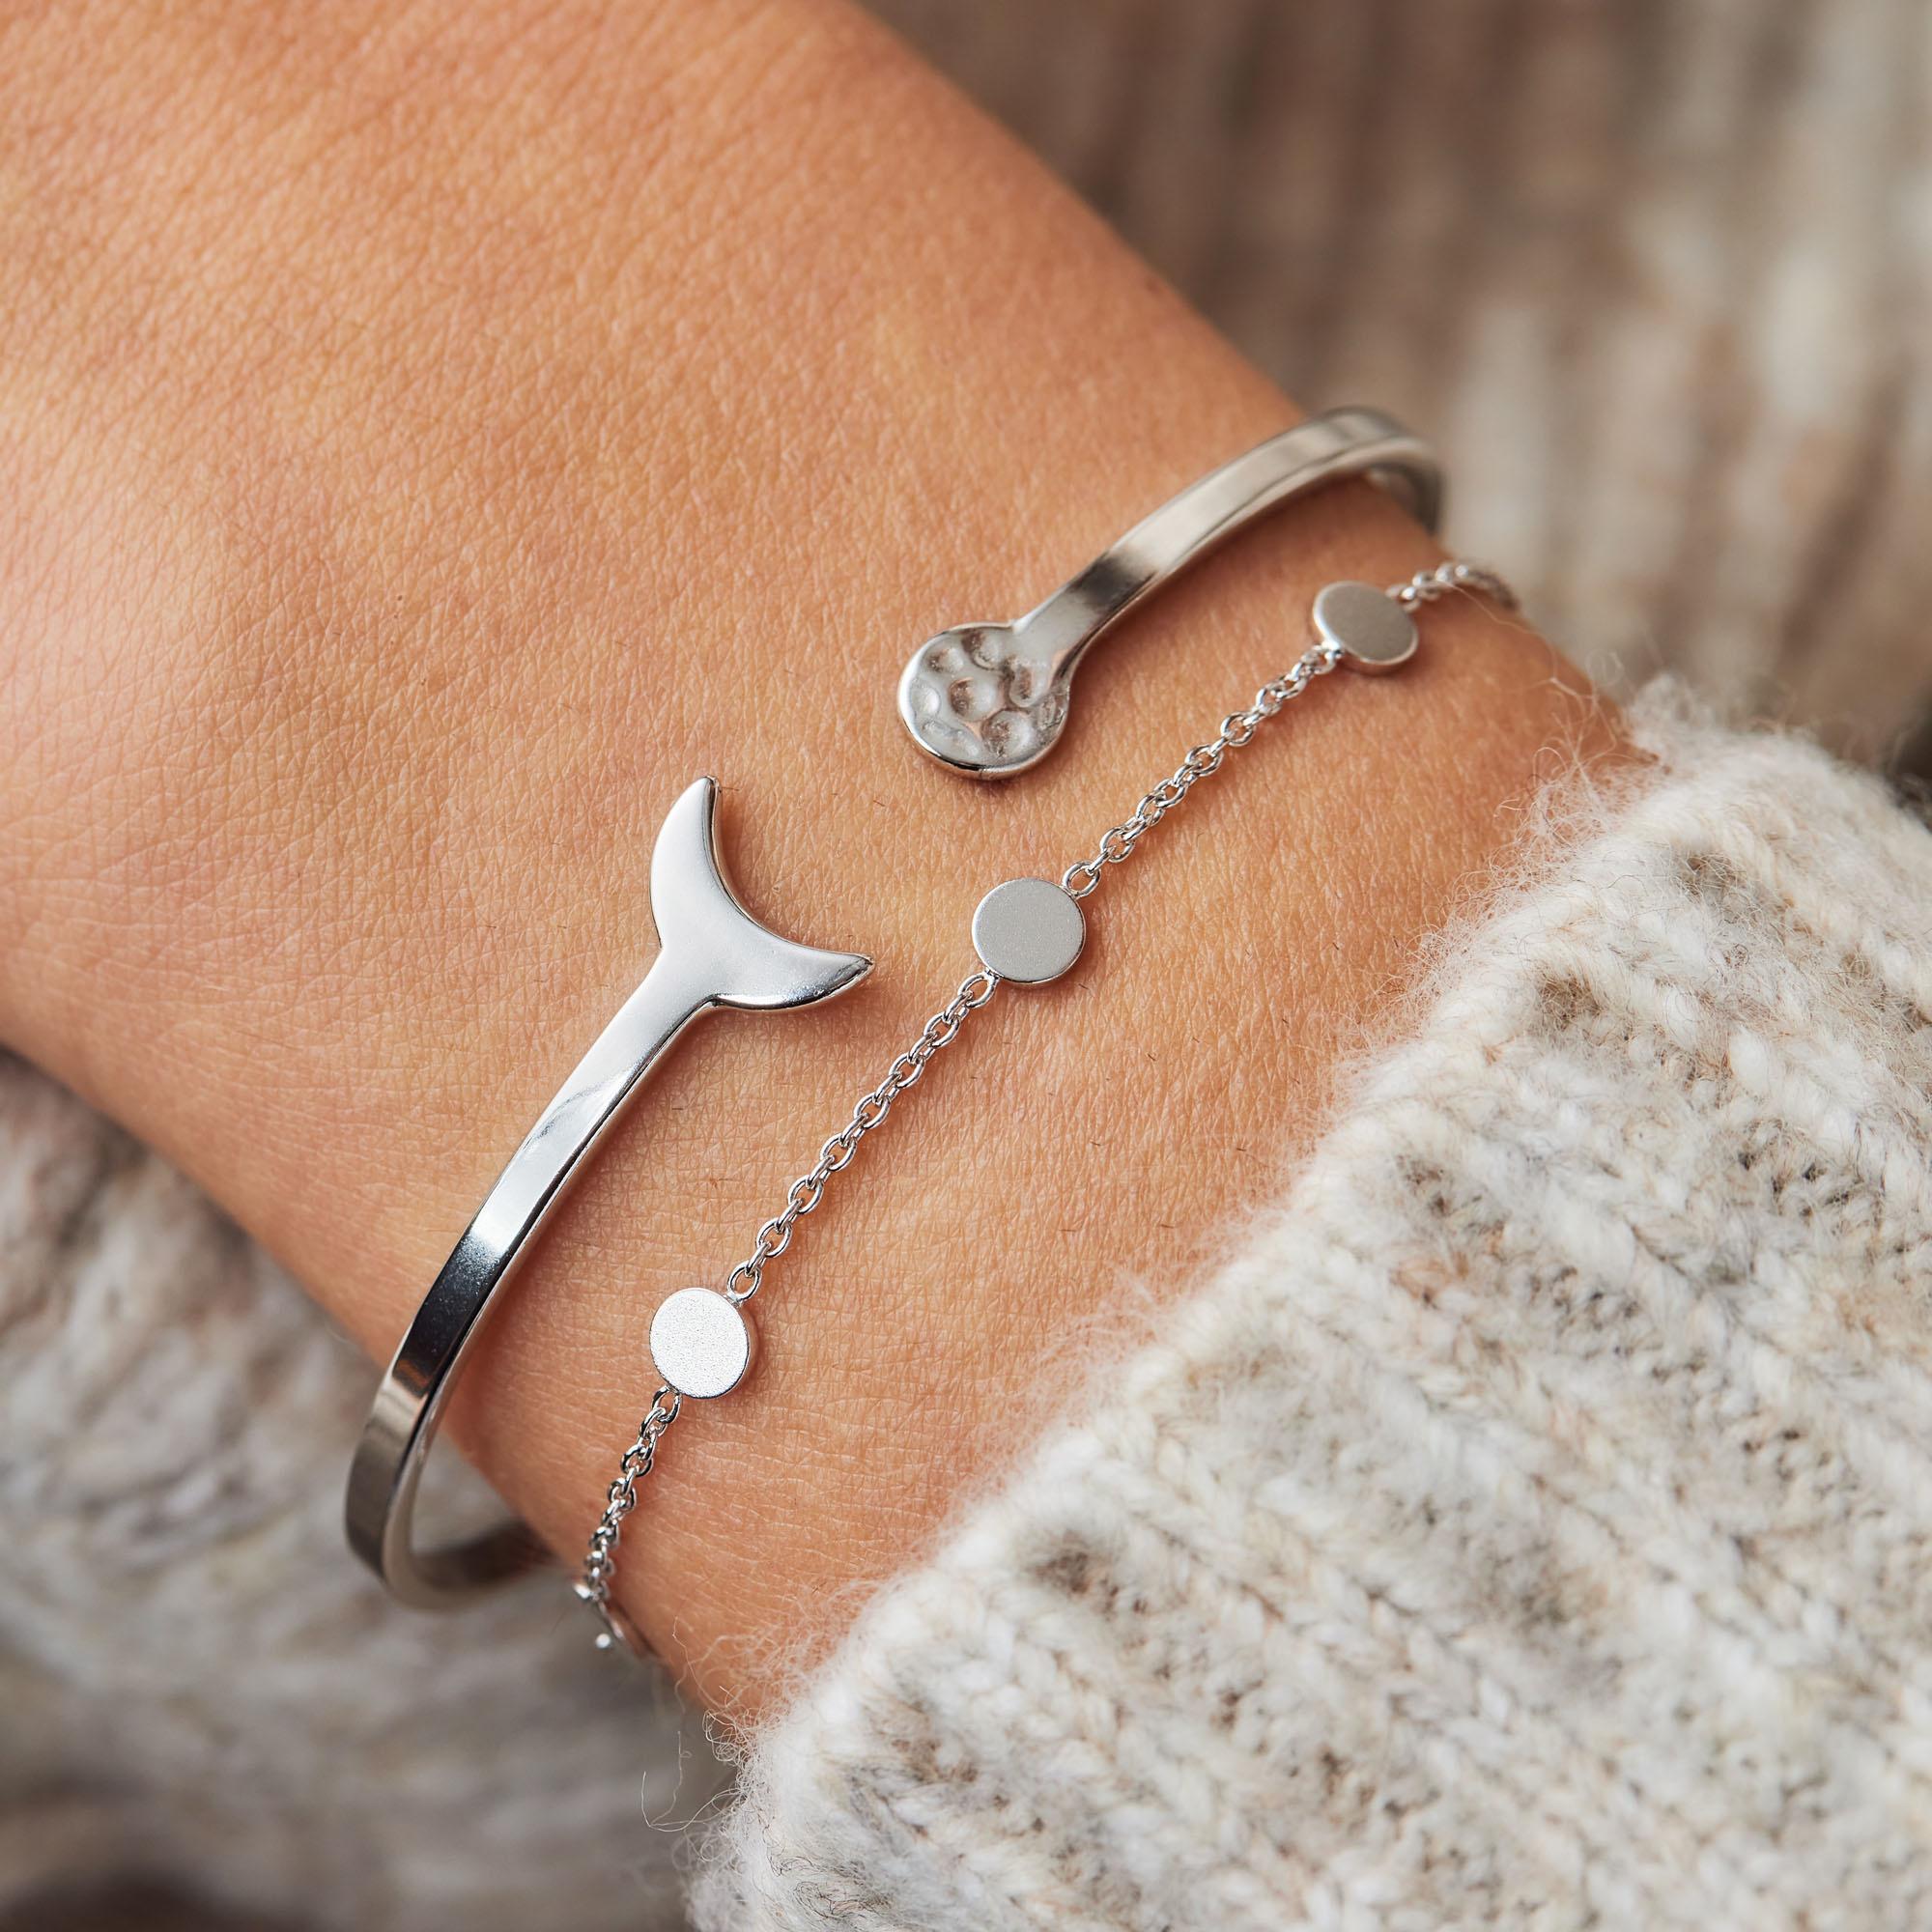 Violet Hamden Luna 925 sterling silver bracelet with coins